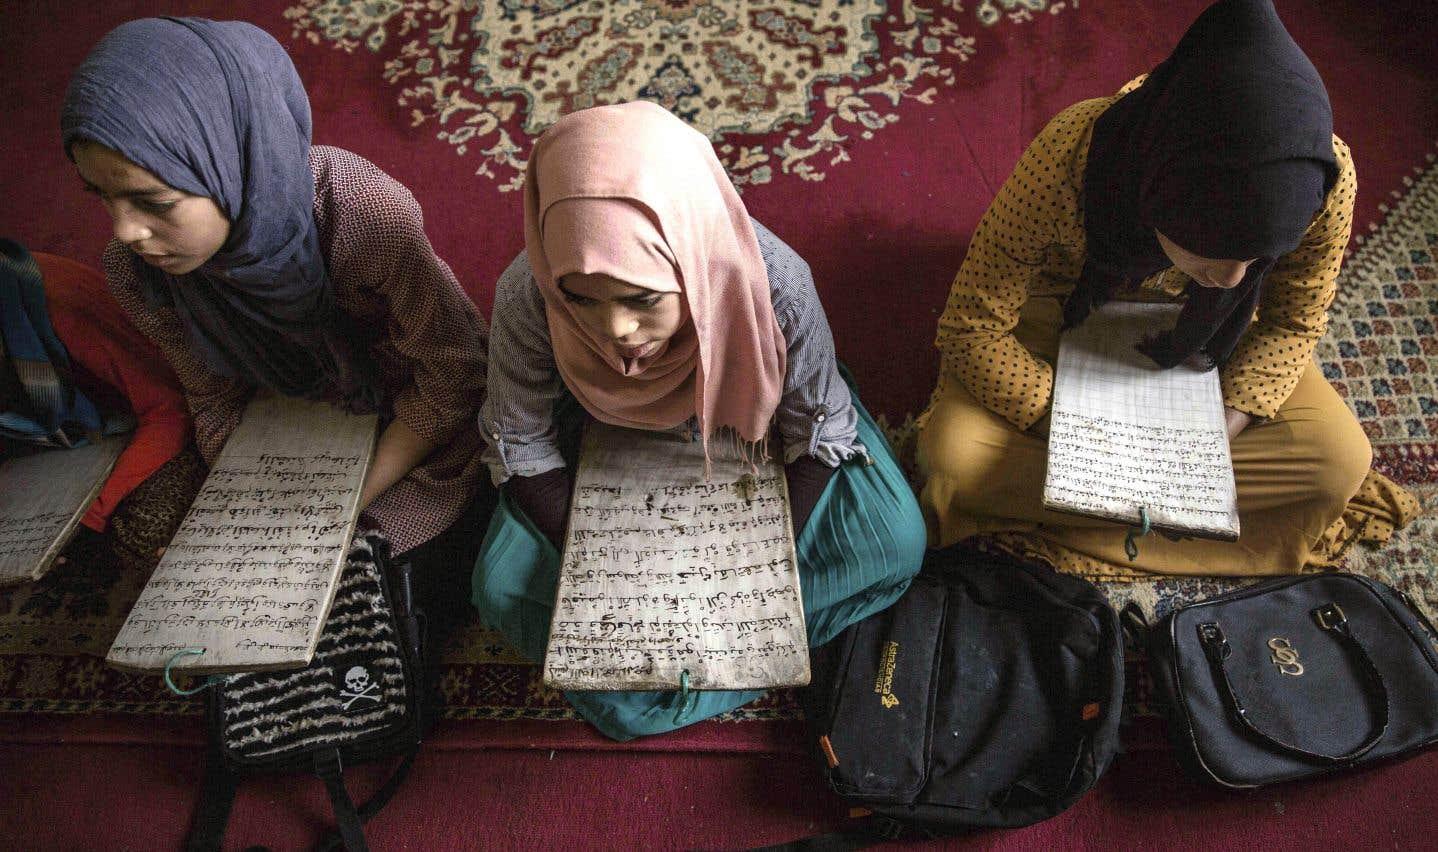 De jeunes filles apprennent à lire et à écrire le Coran sur le banc d'une école du sud du Maroc, lors du premier jour du ramadan.